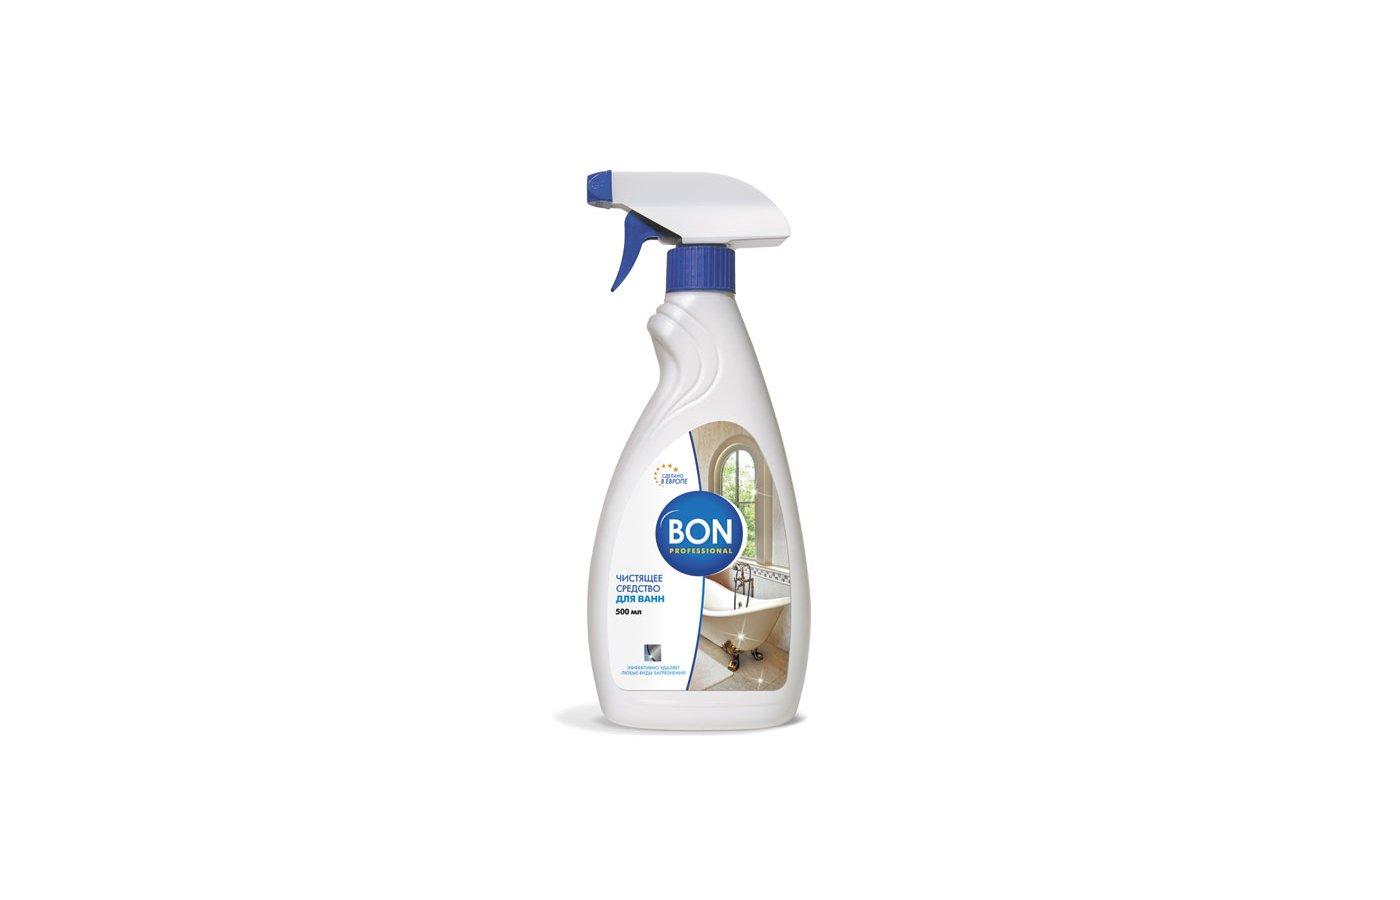 Инвентарь для уборки BON BN-170 Средство для ванн 500мл